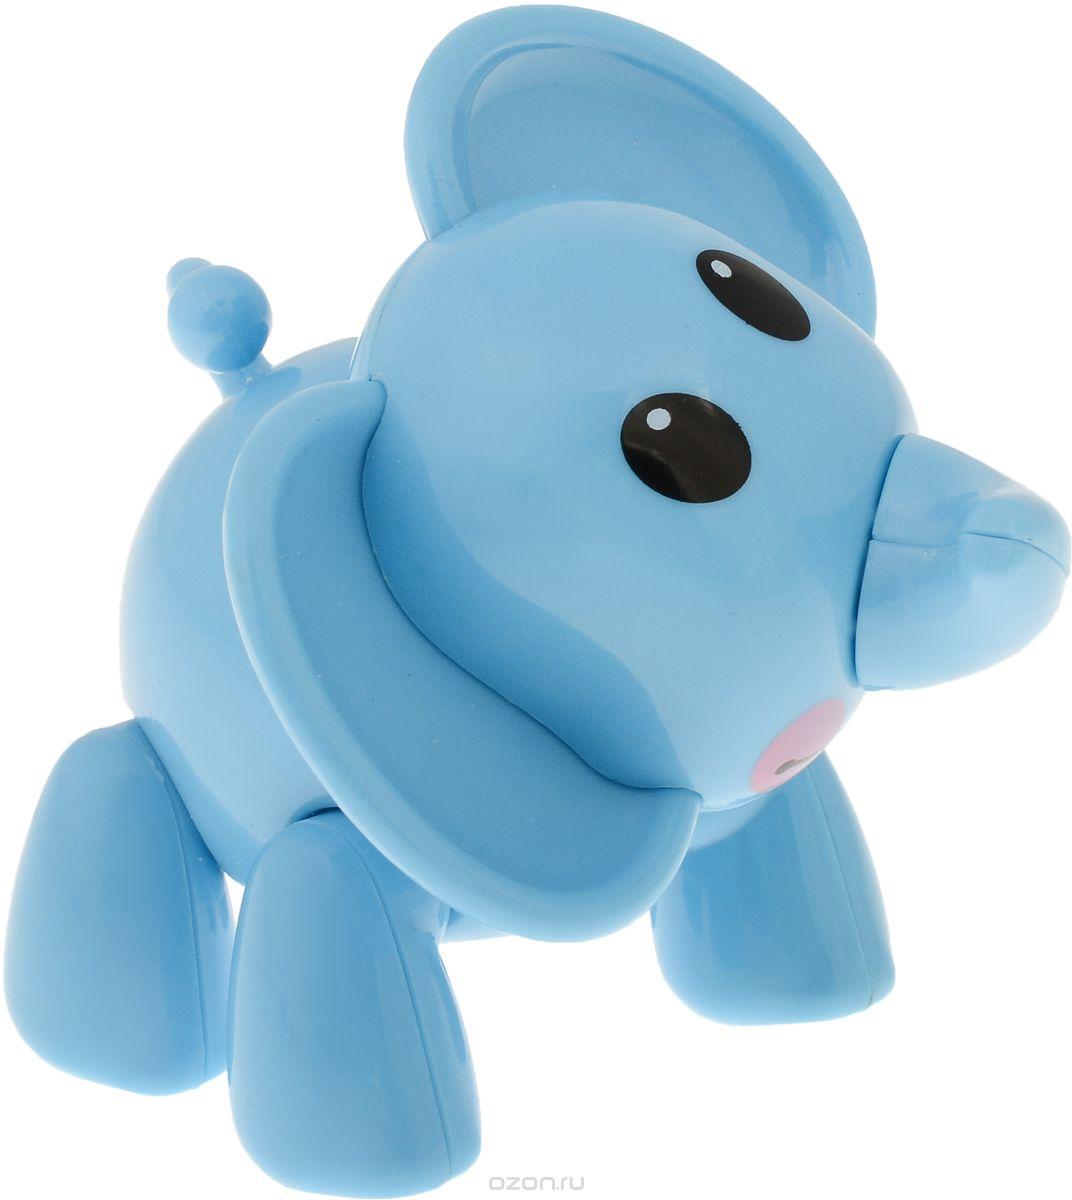 Ути-Пути Развивающая игрушка Слон цвет голубой цена